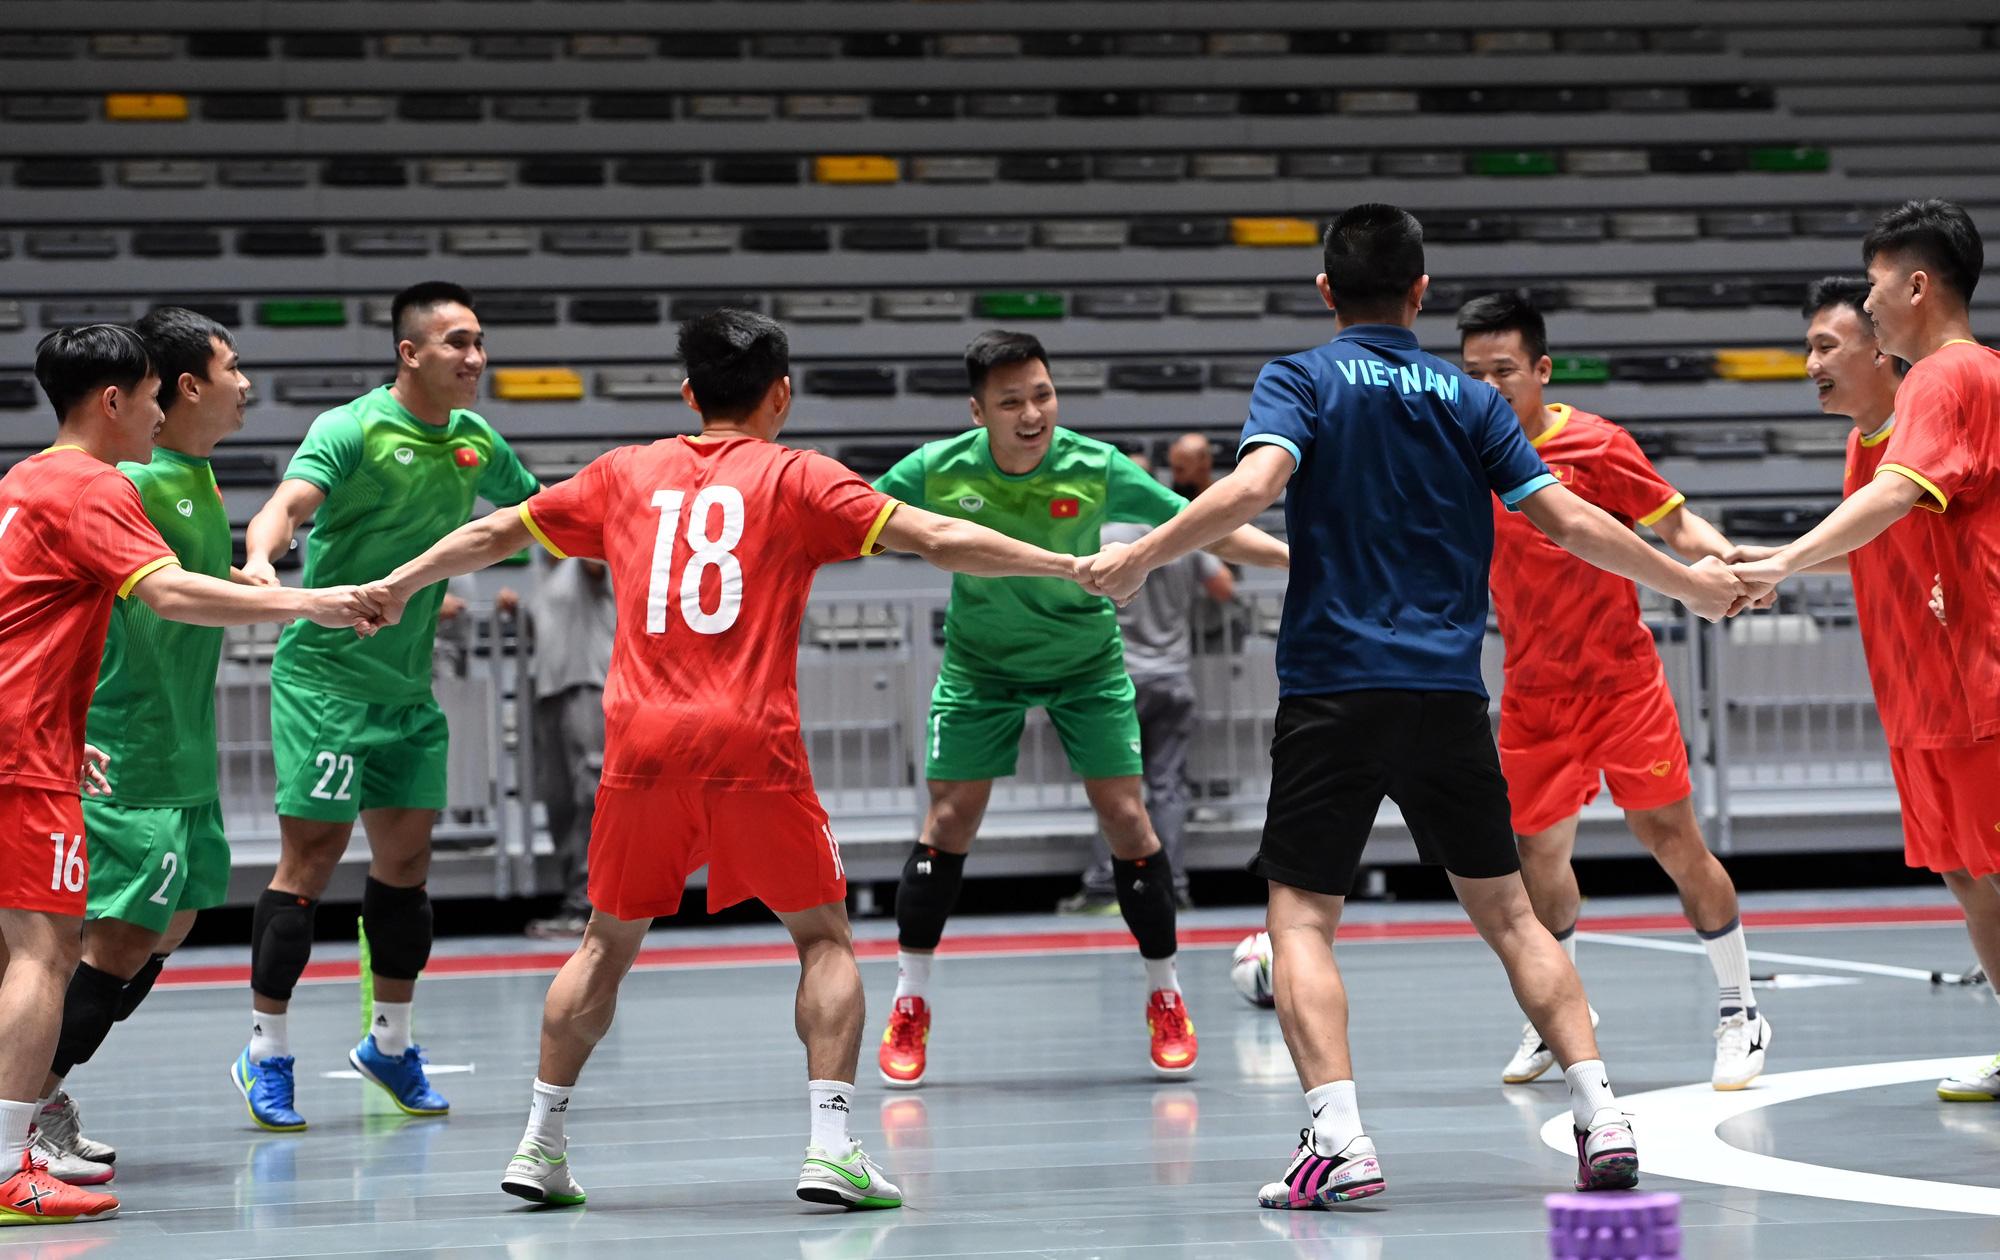 Đội tuyển futsal Việt Nam trong buổi tập đầu tiên tại Tây Ban Nha - Ảnh 12.